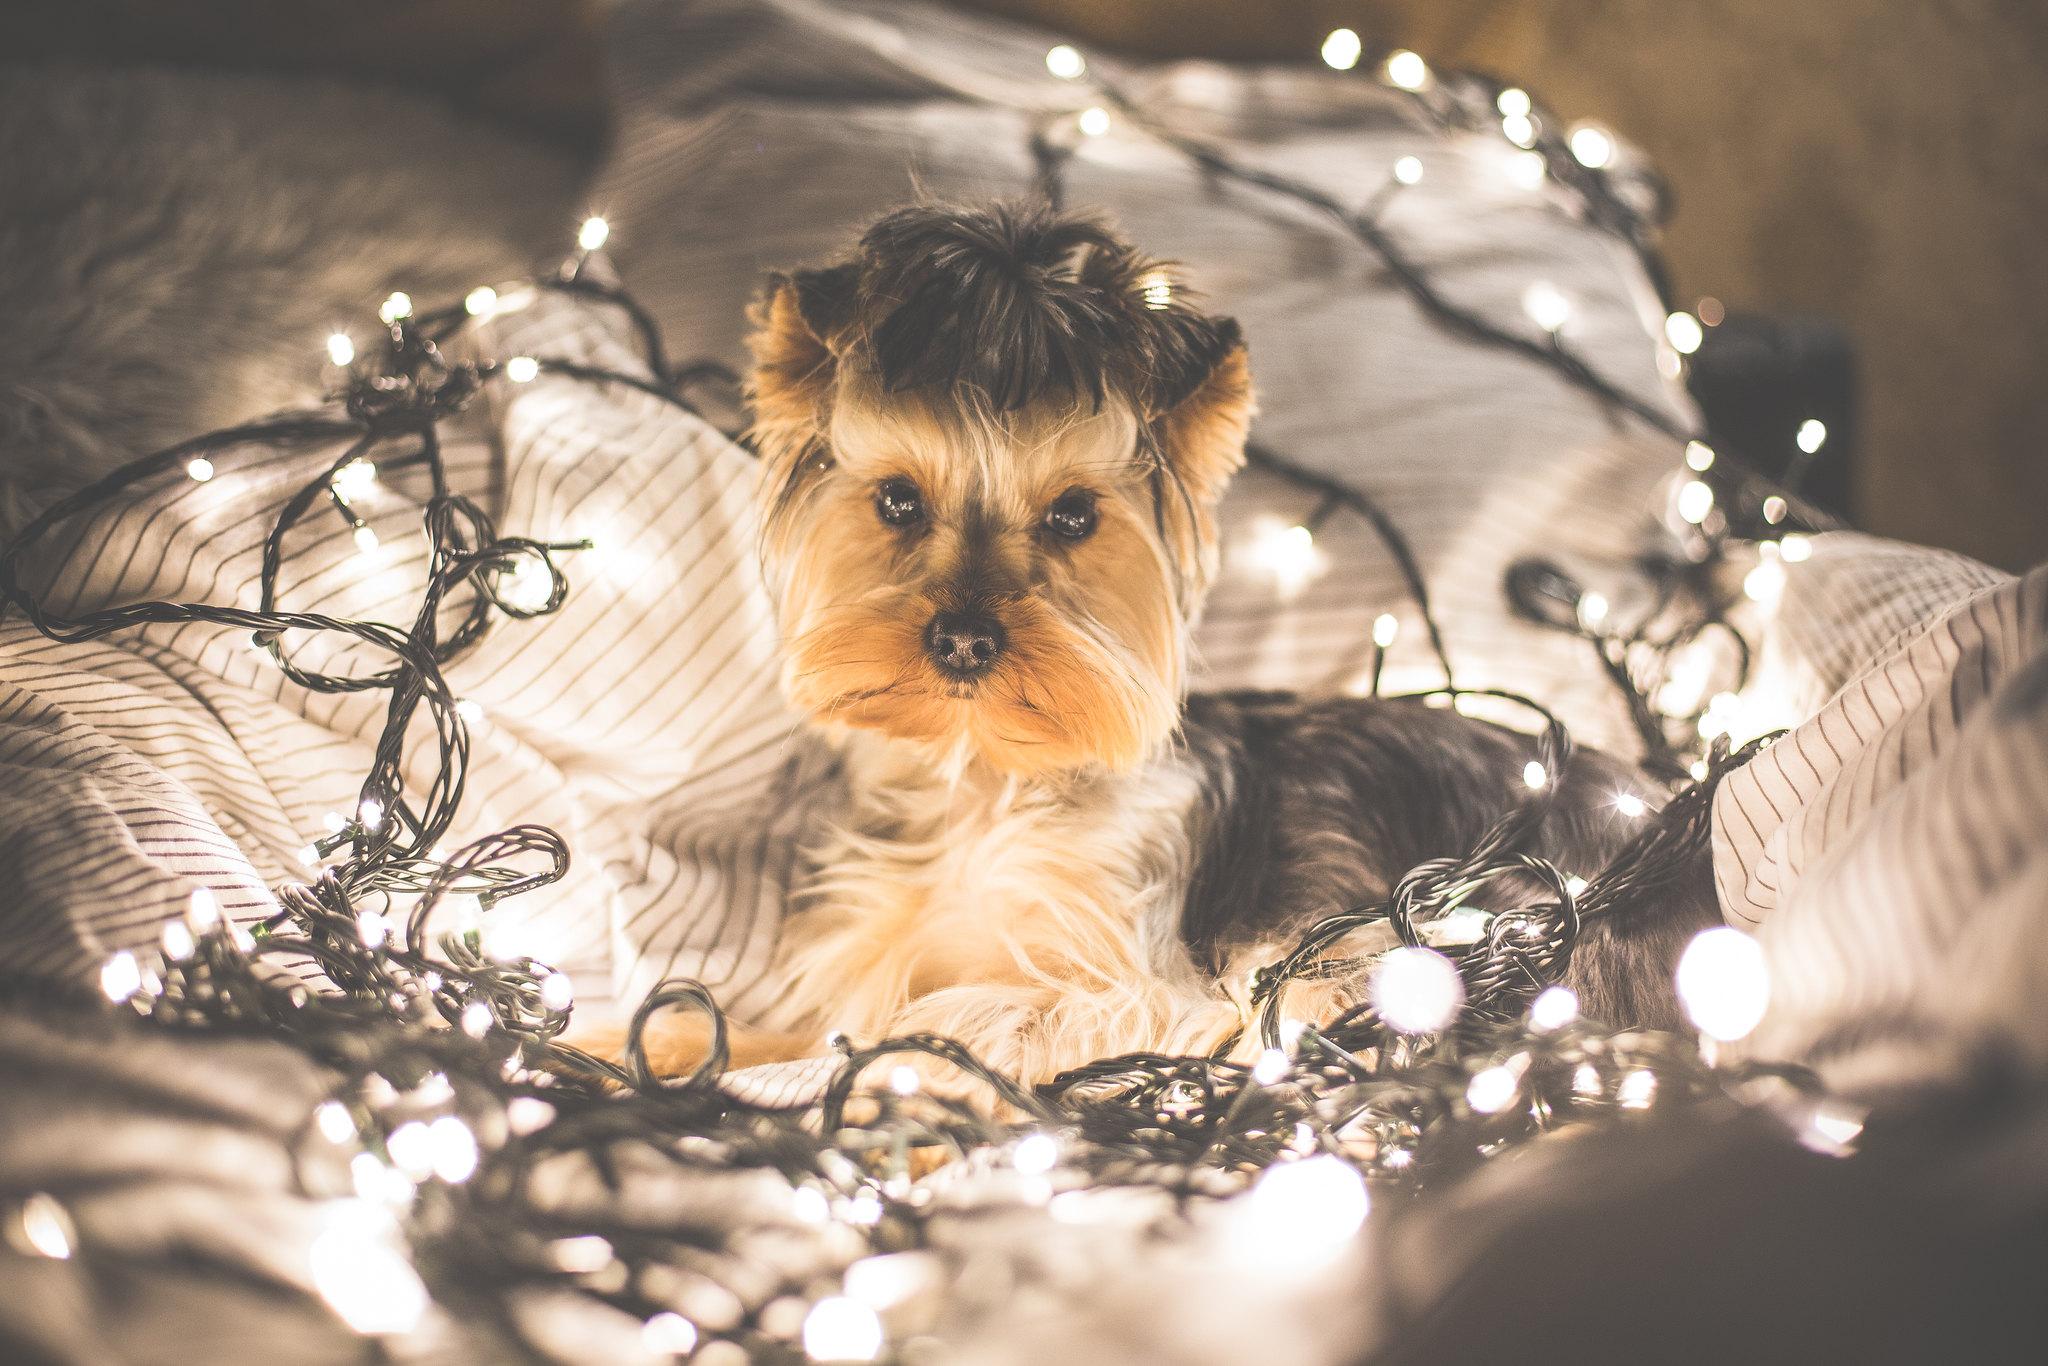 Tumblr Fondos De Pantalla De Navidad: Imagen De Un Perro Yorkshire Con Luces